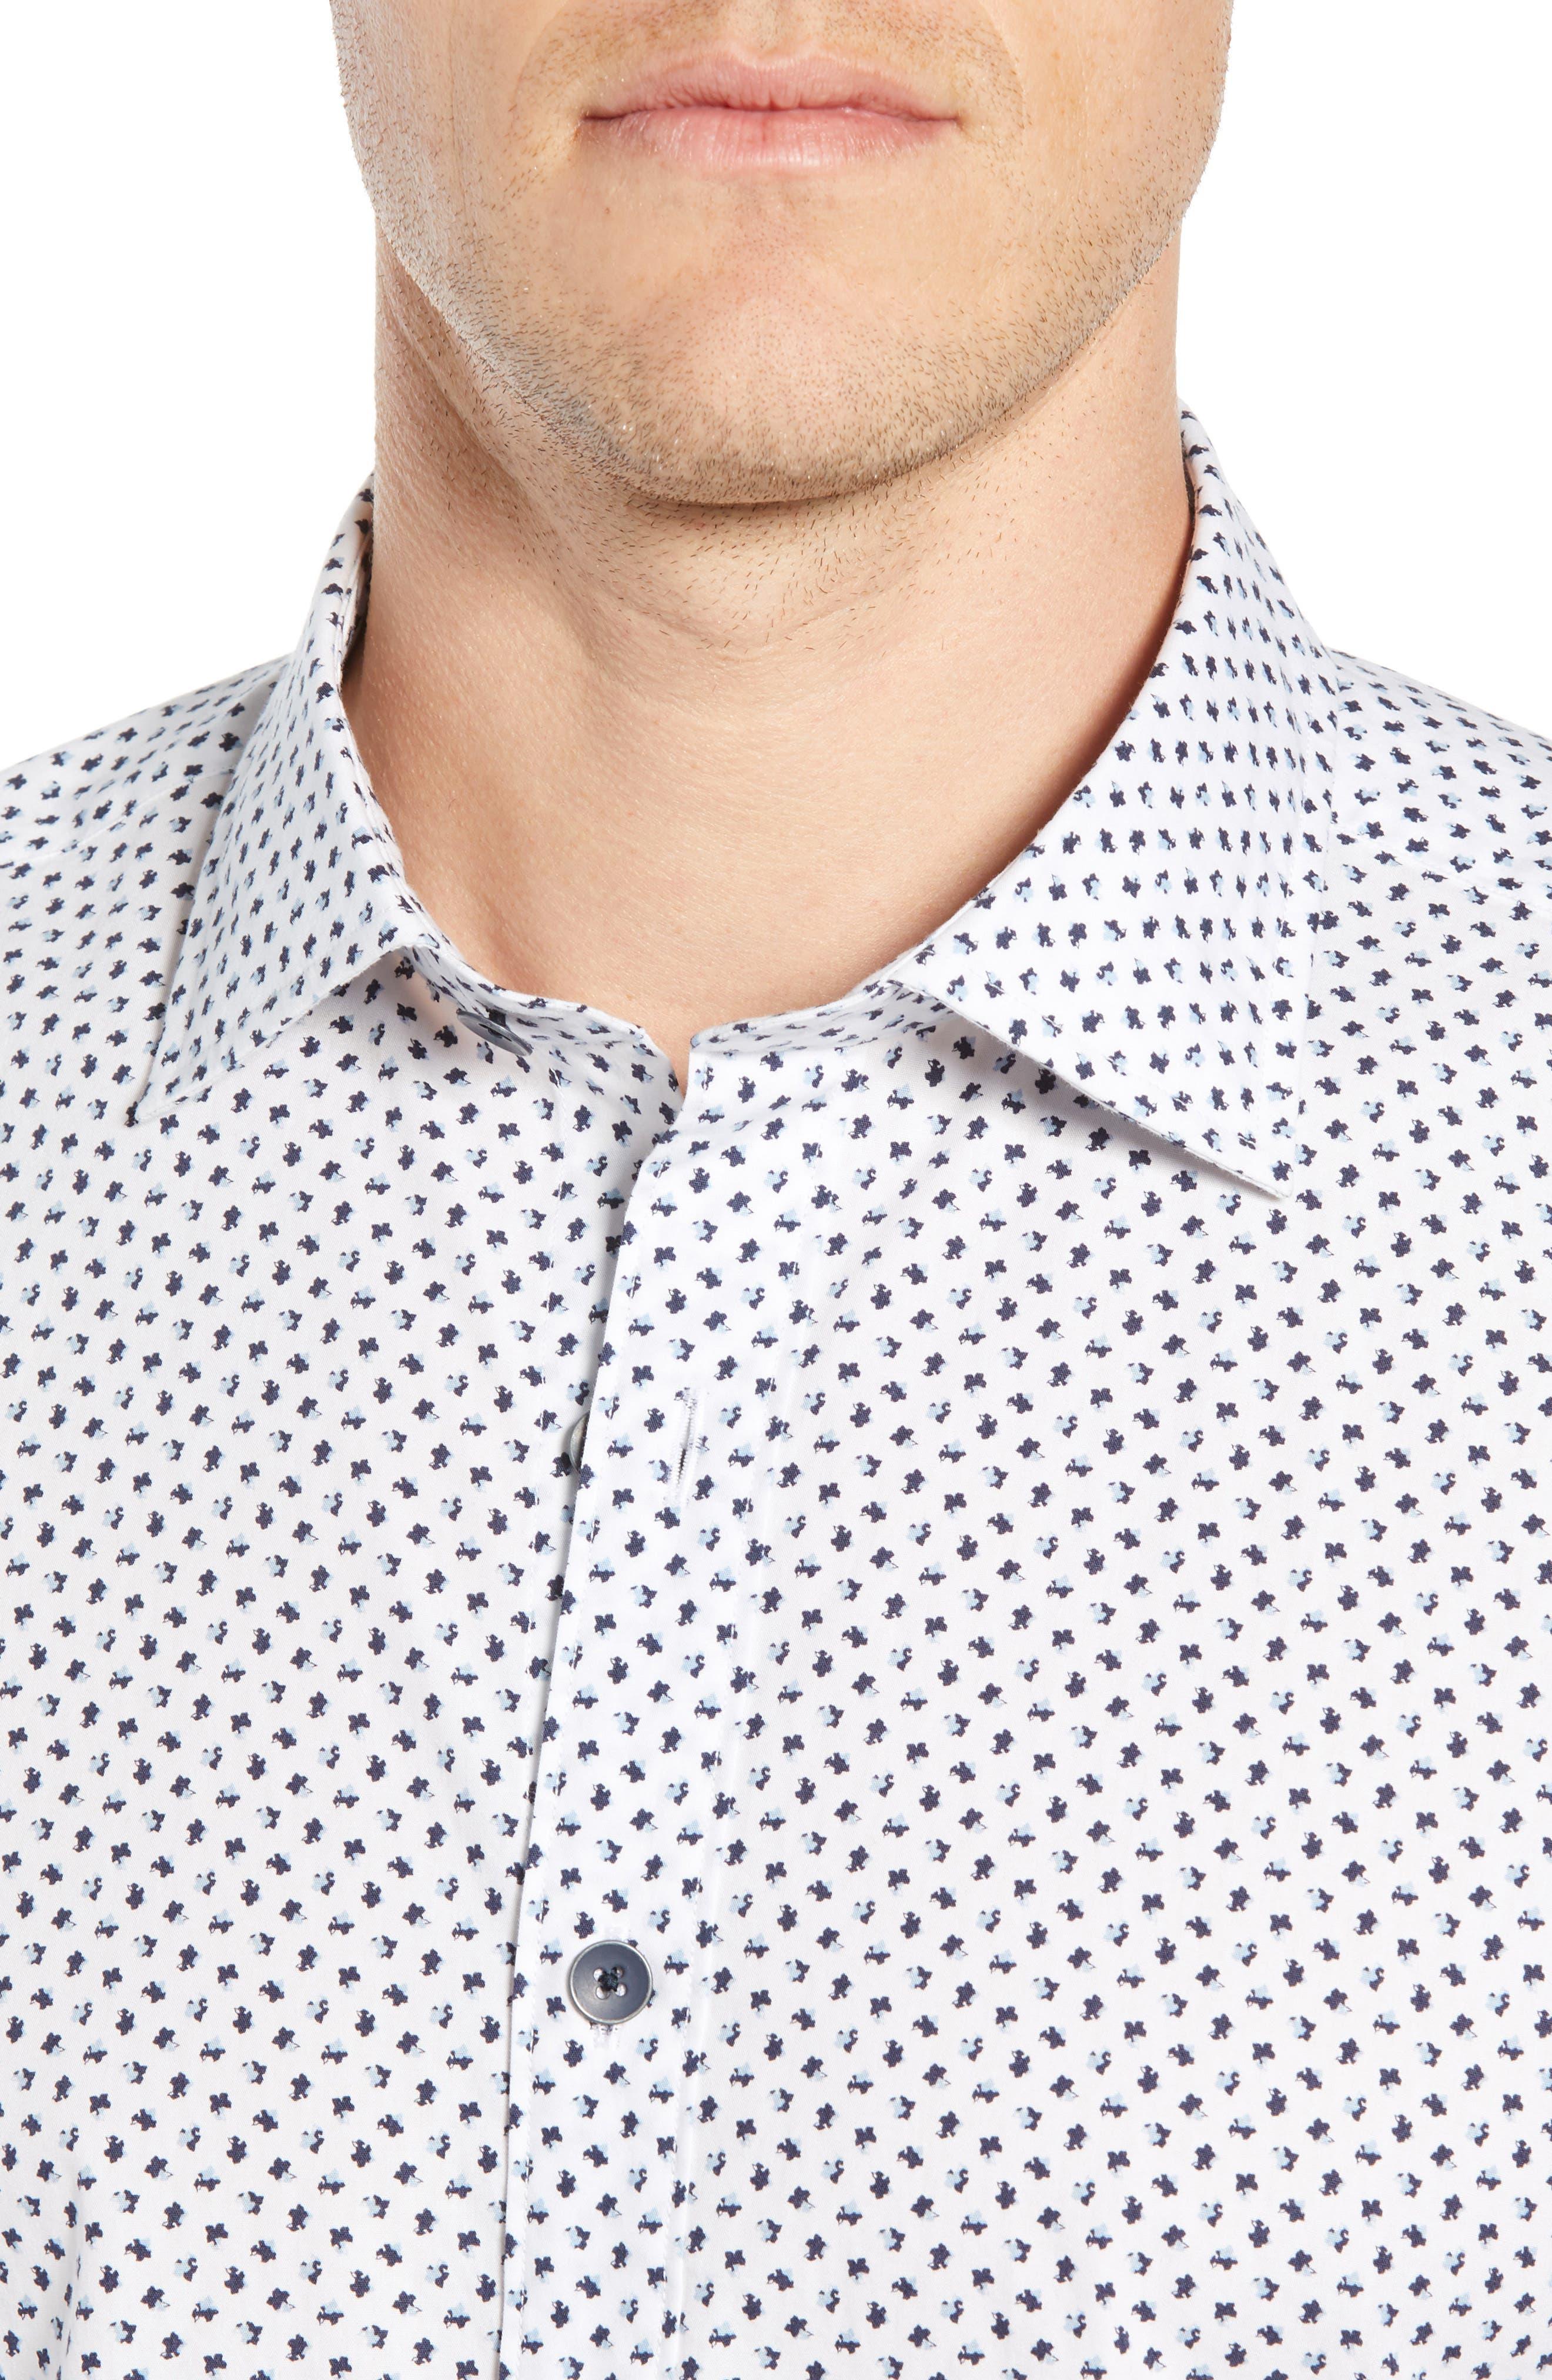 RODD & GUNN, Northcross Sport Shirt, Alternate thumbnail 2, color, IVORY